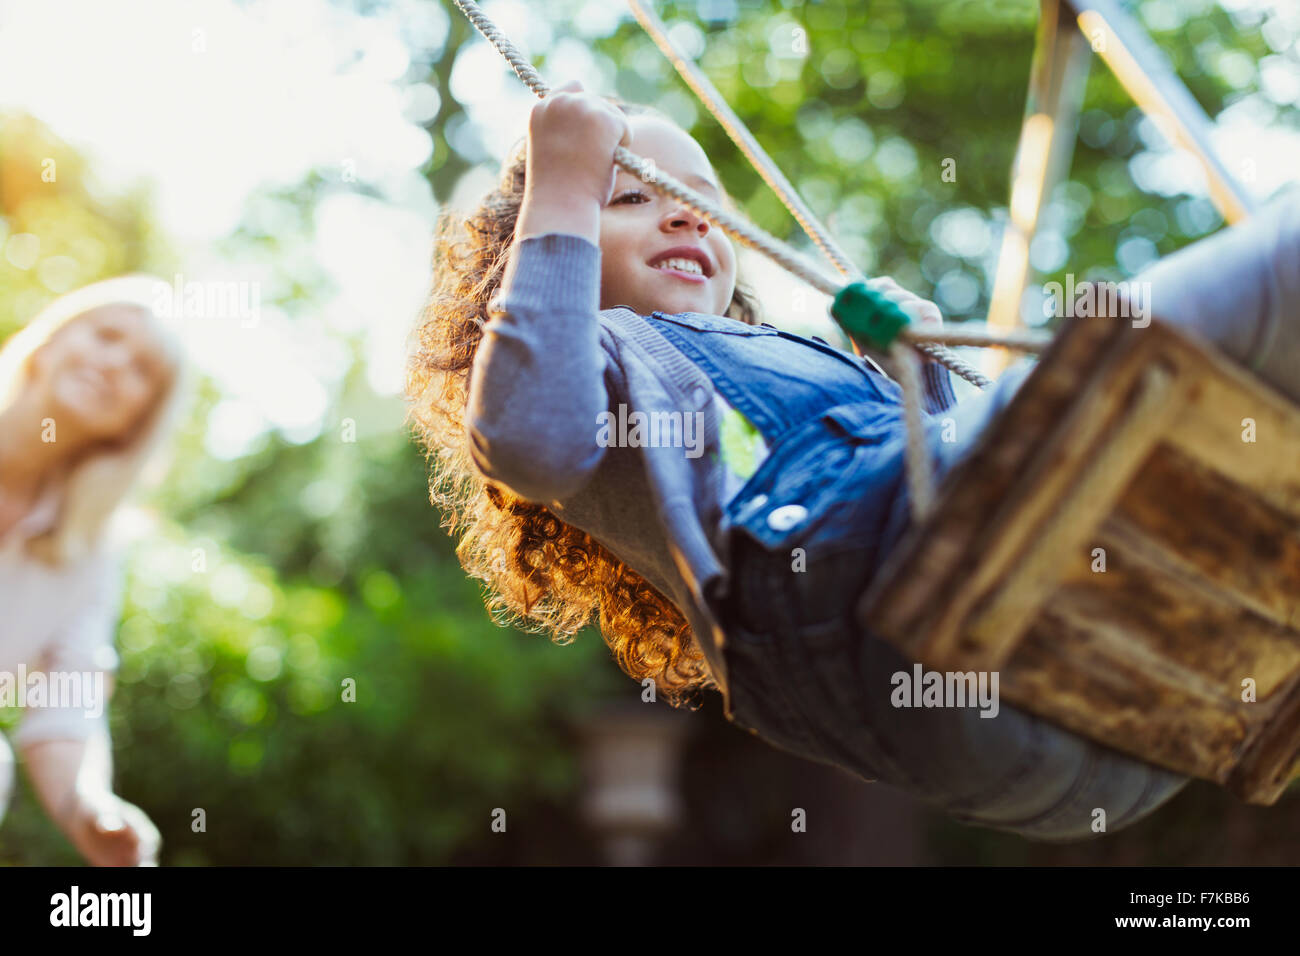 Carefree girl swinging in park - Stock Image